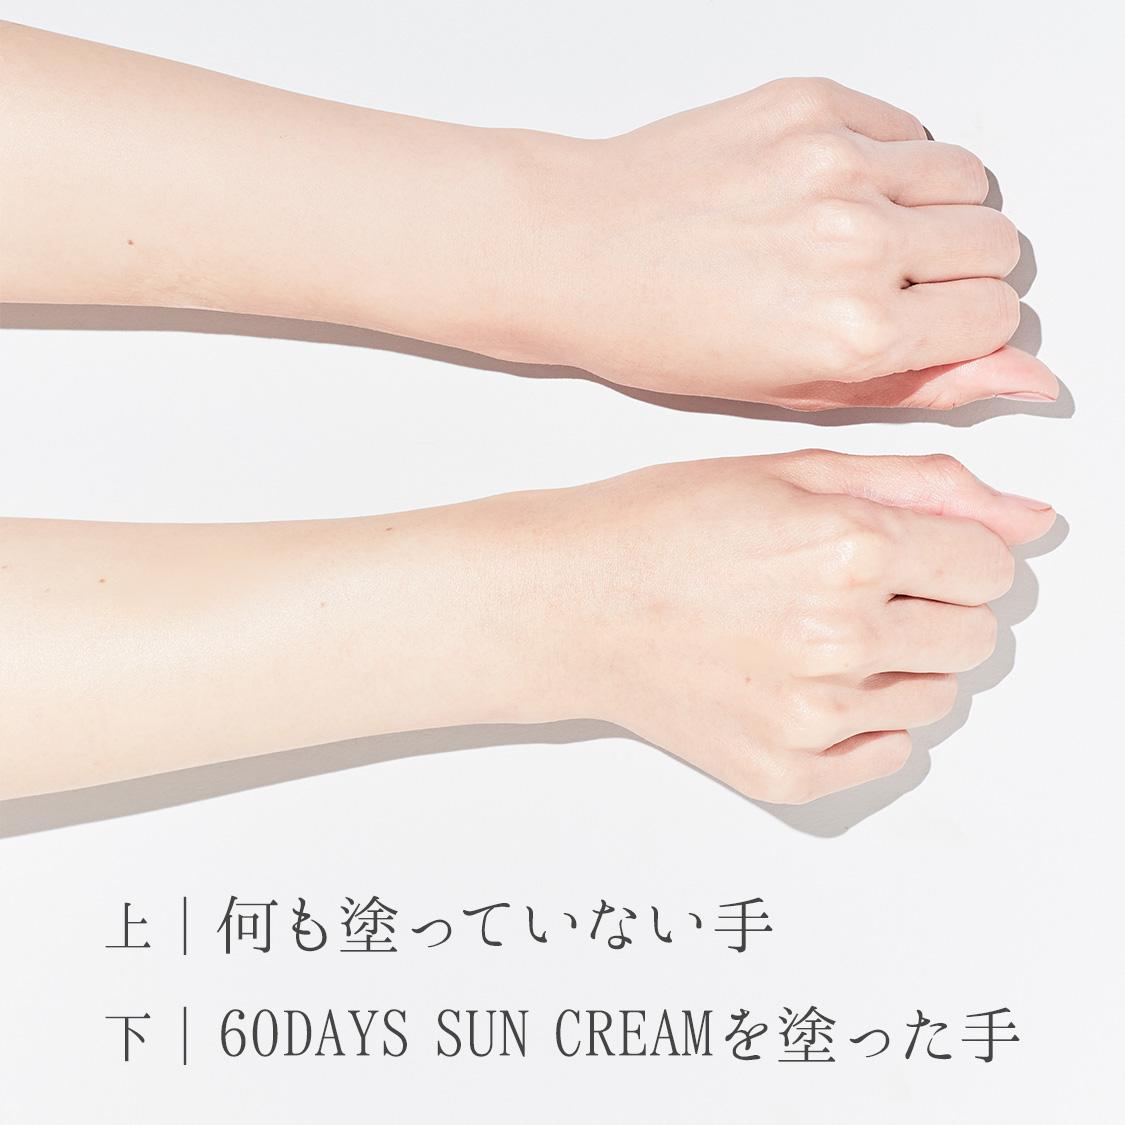 【定期】ソウル 60デイズサンクリーム